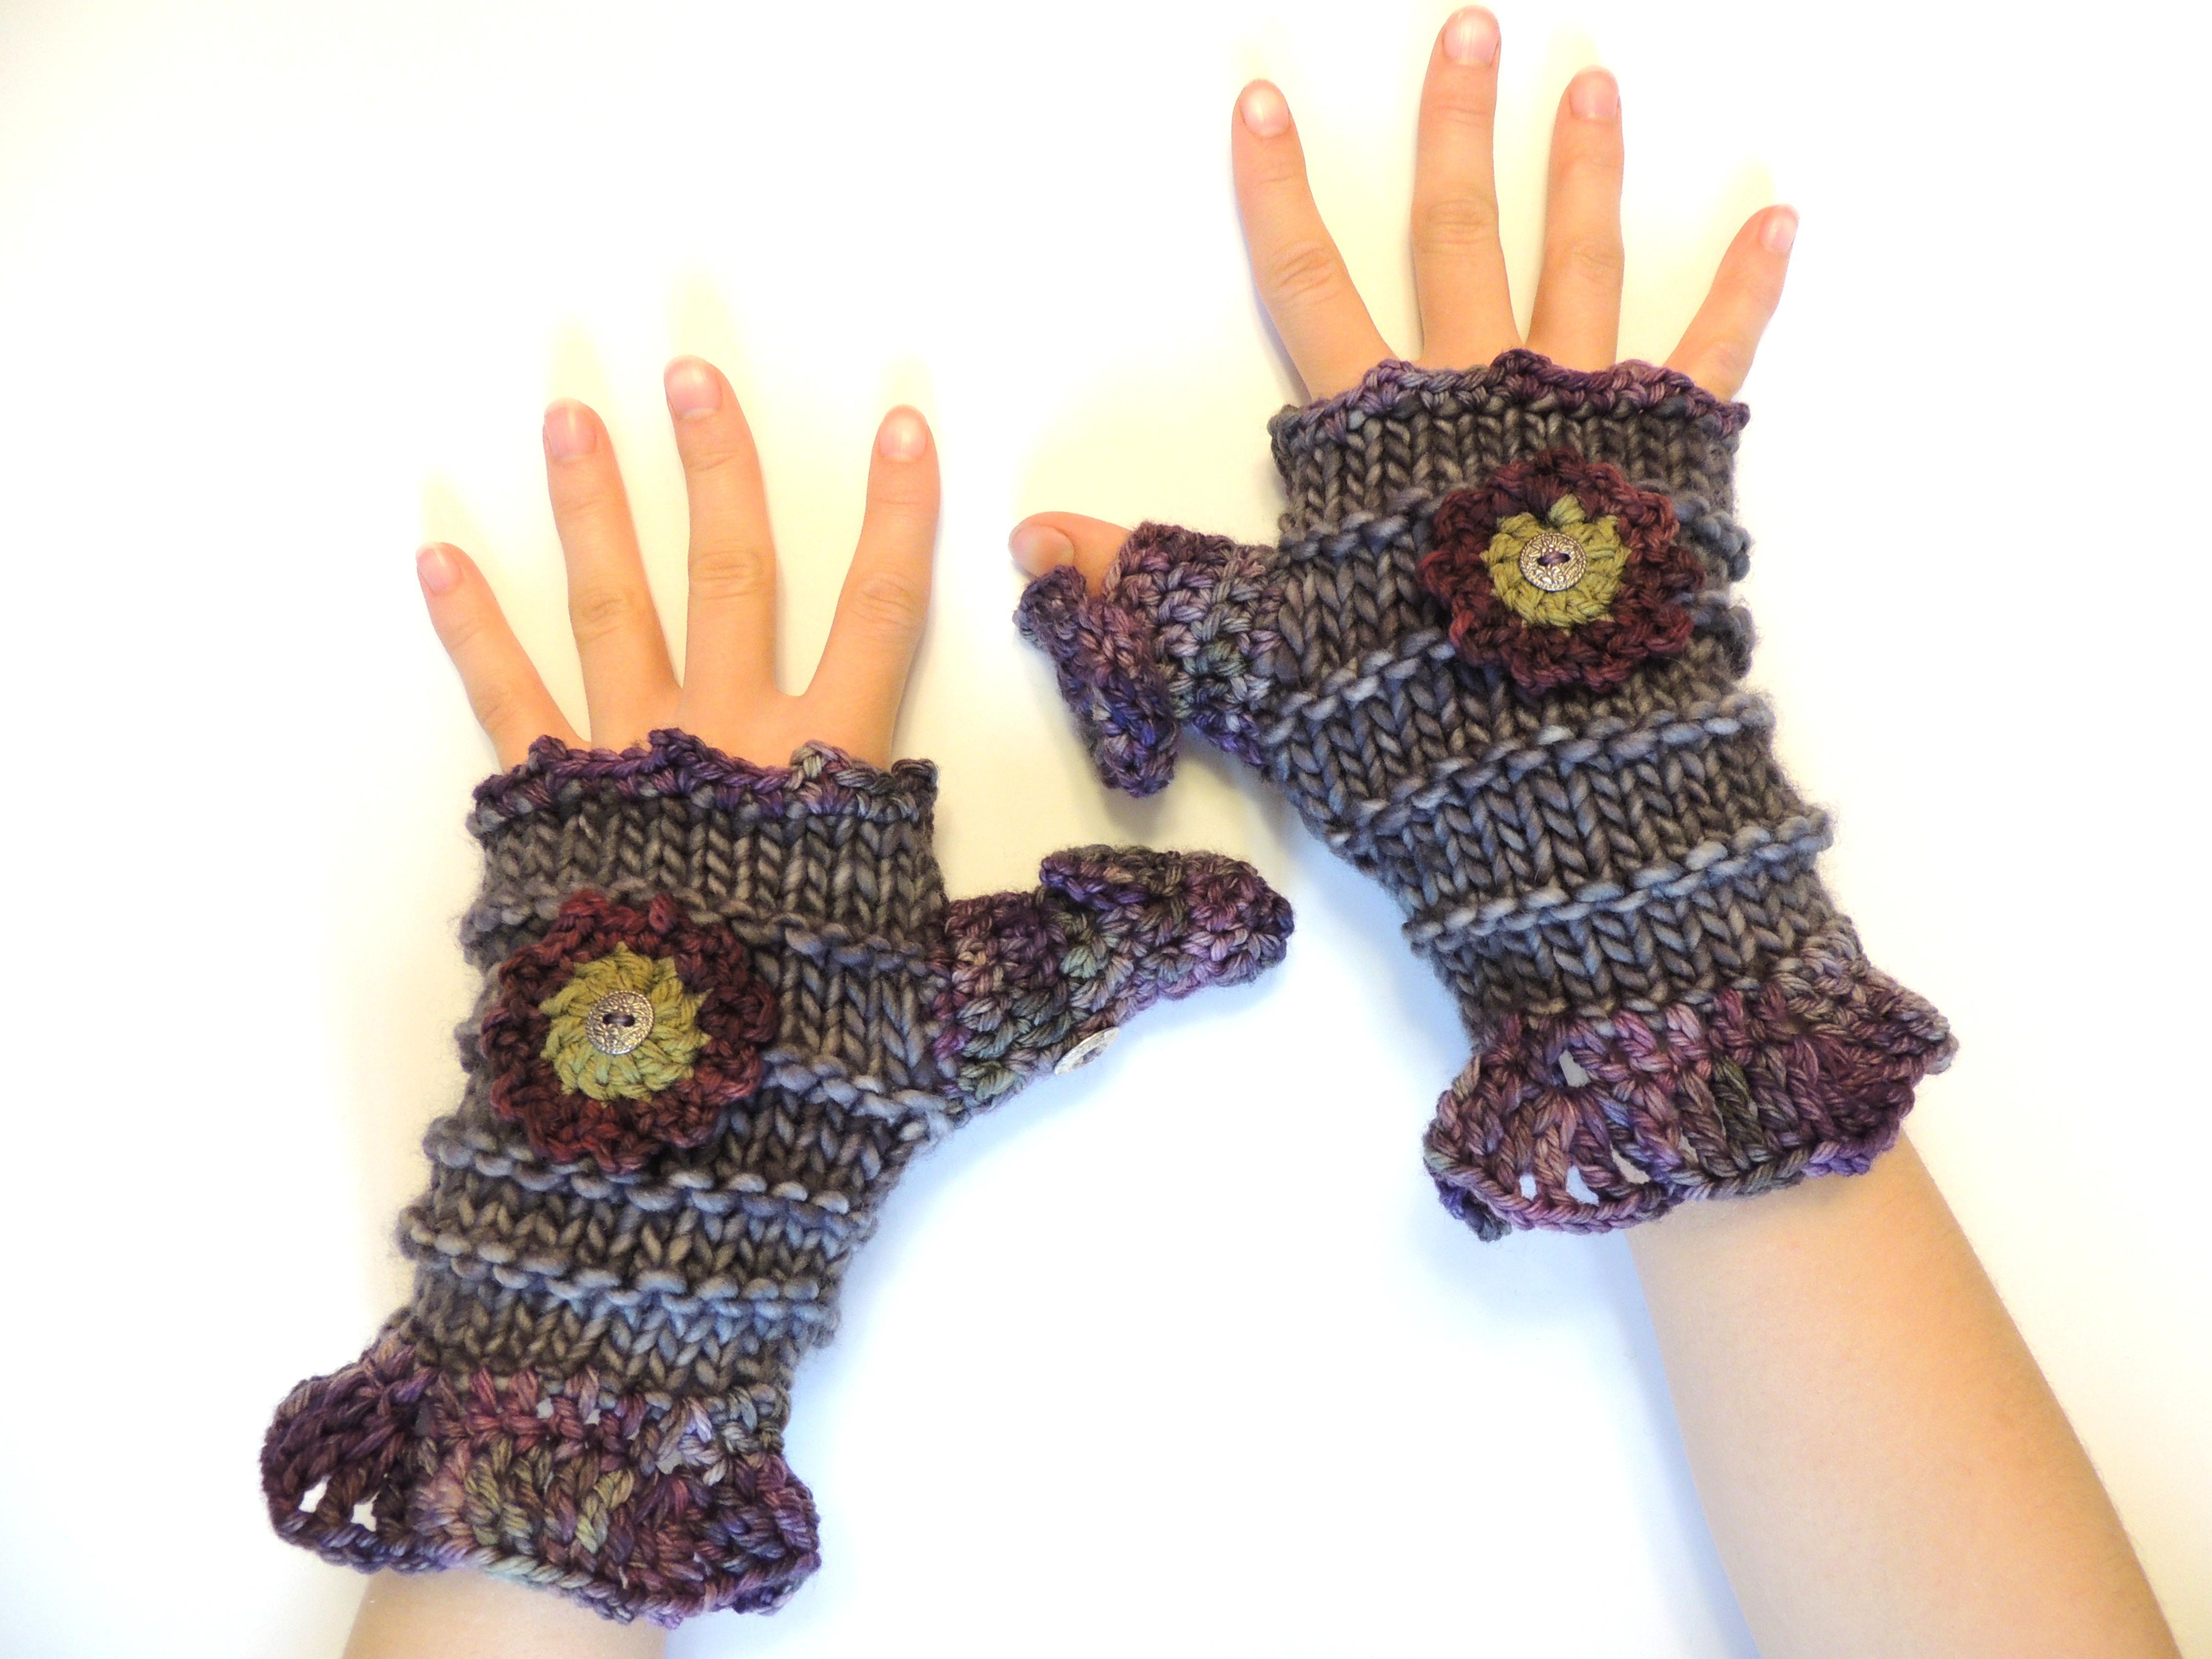 Fingerless gloves edmonton - Klohe Ruffle Hand Warmer Full Thumb Cozy